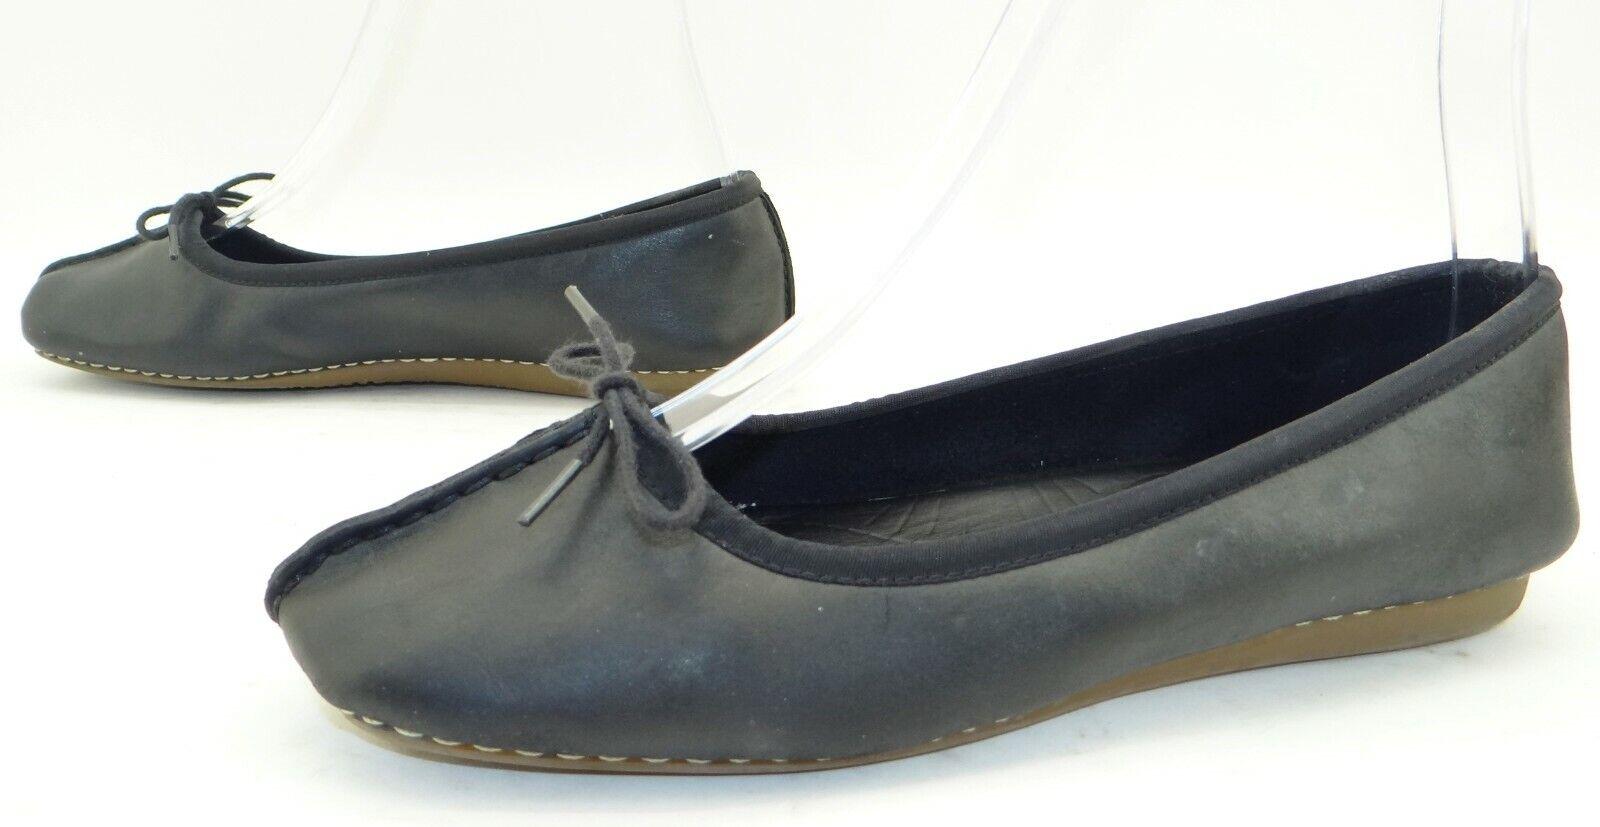 CLARKS Damen Sommer Schuhe Ballerinas Slipper Damenschuhe Flats Gr. 39 Leder